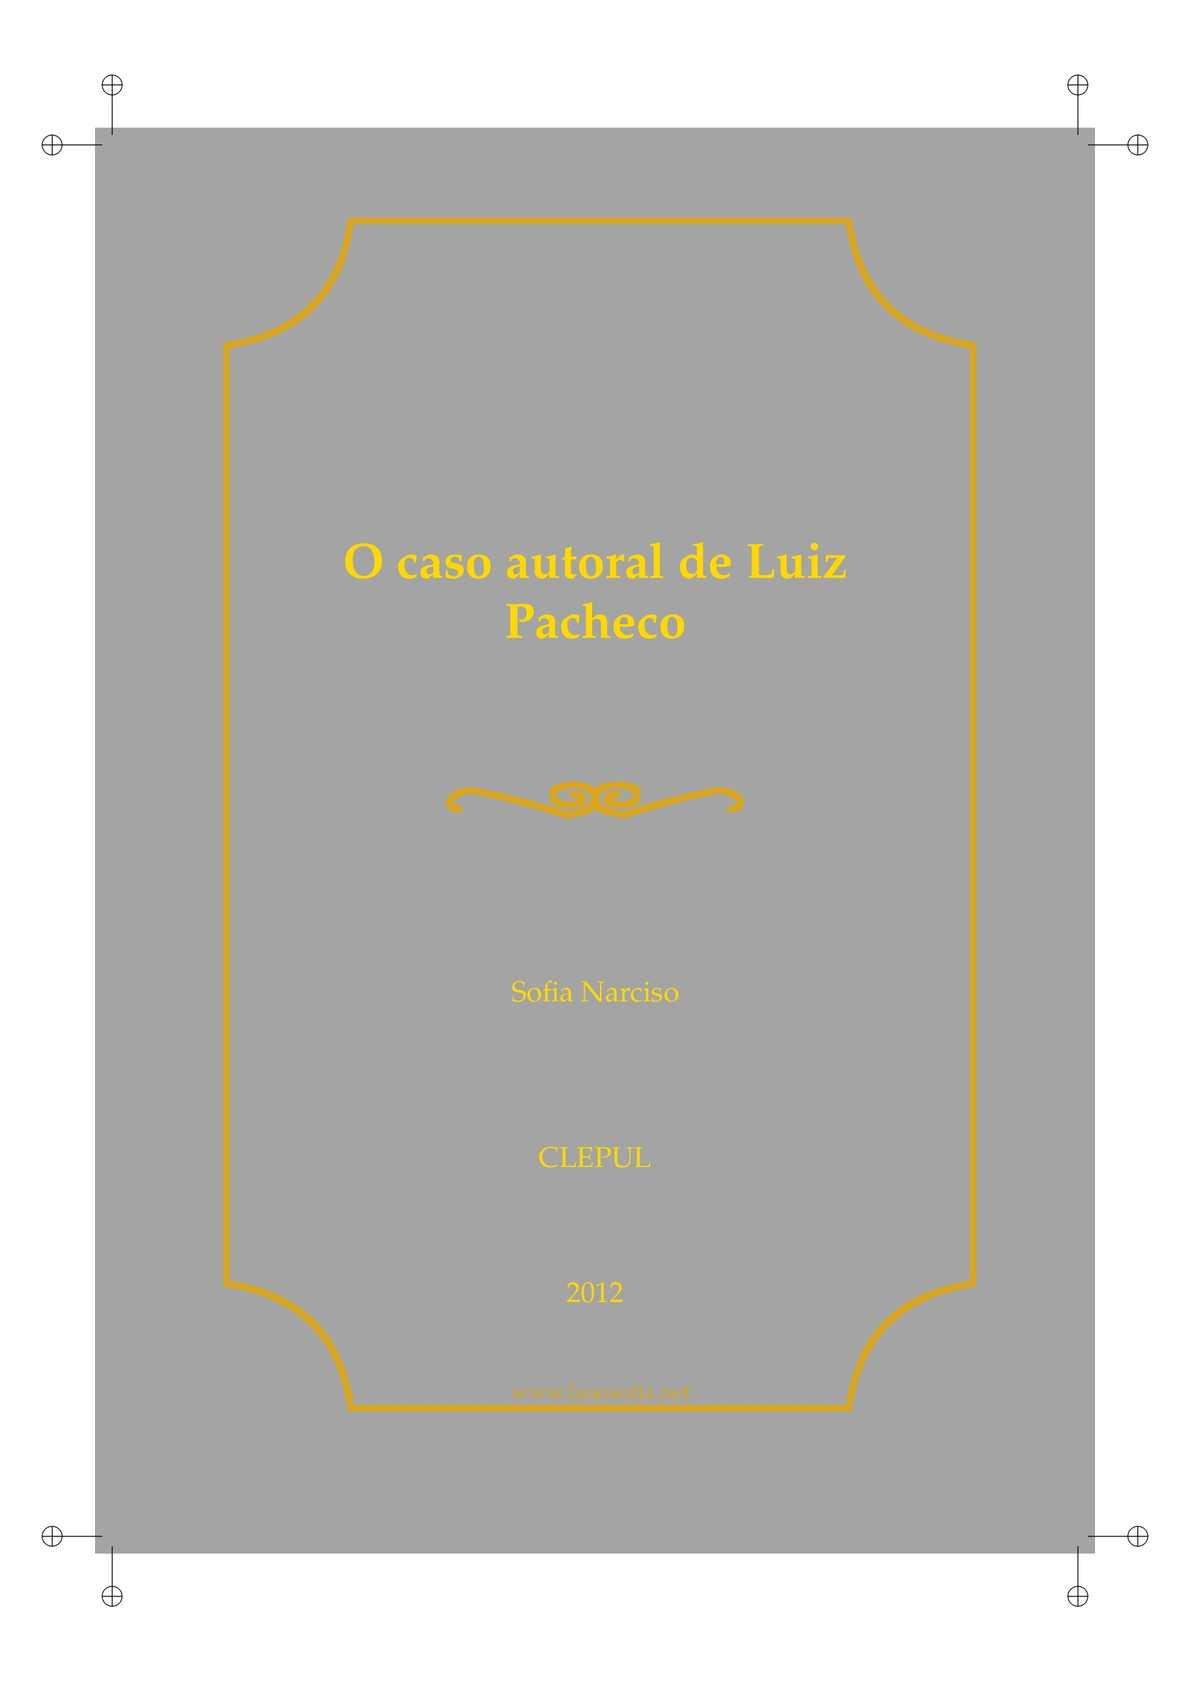 O caso autoral de Luiz Pacheco